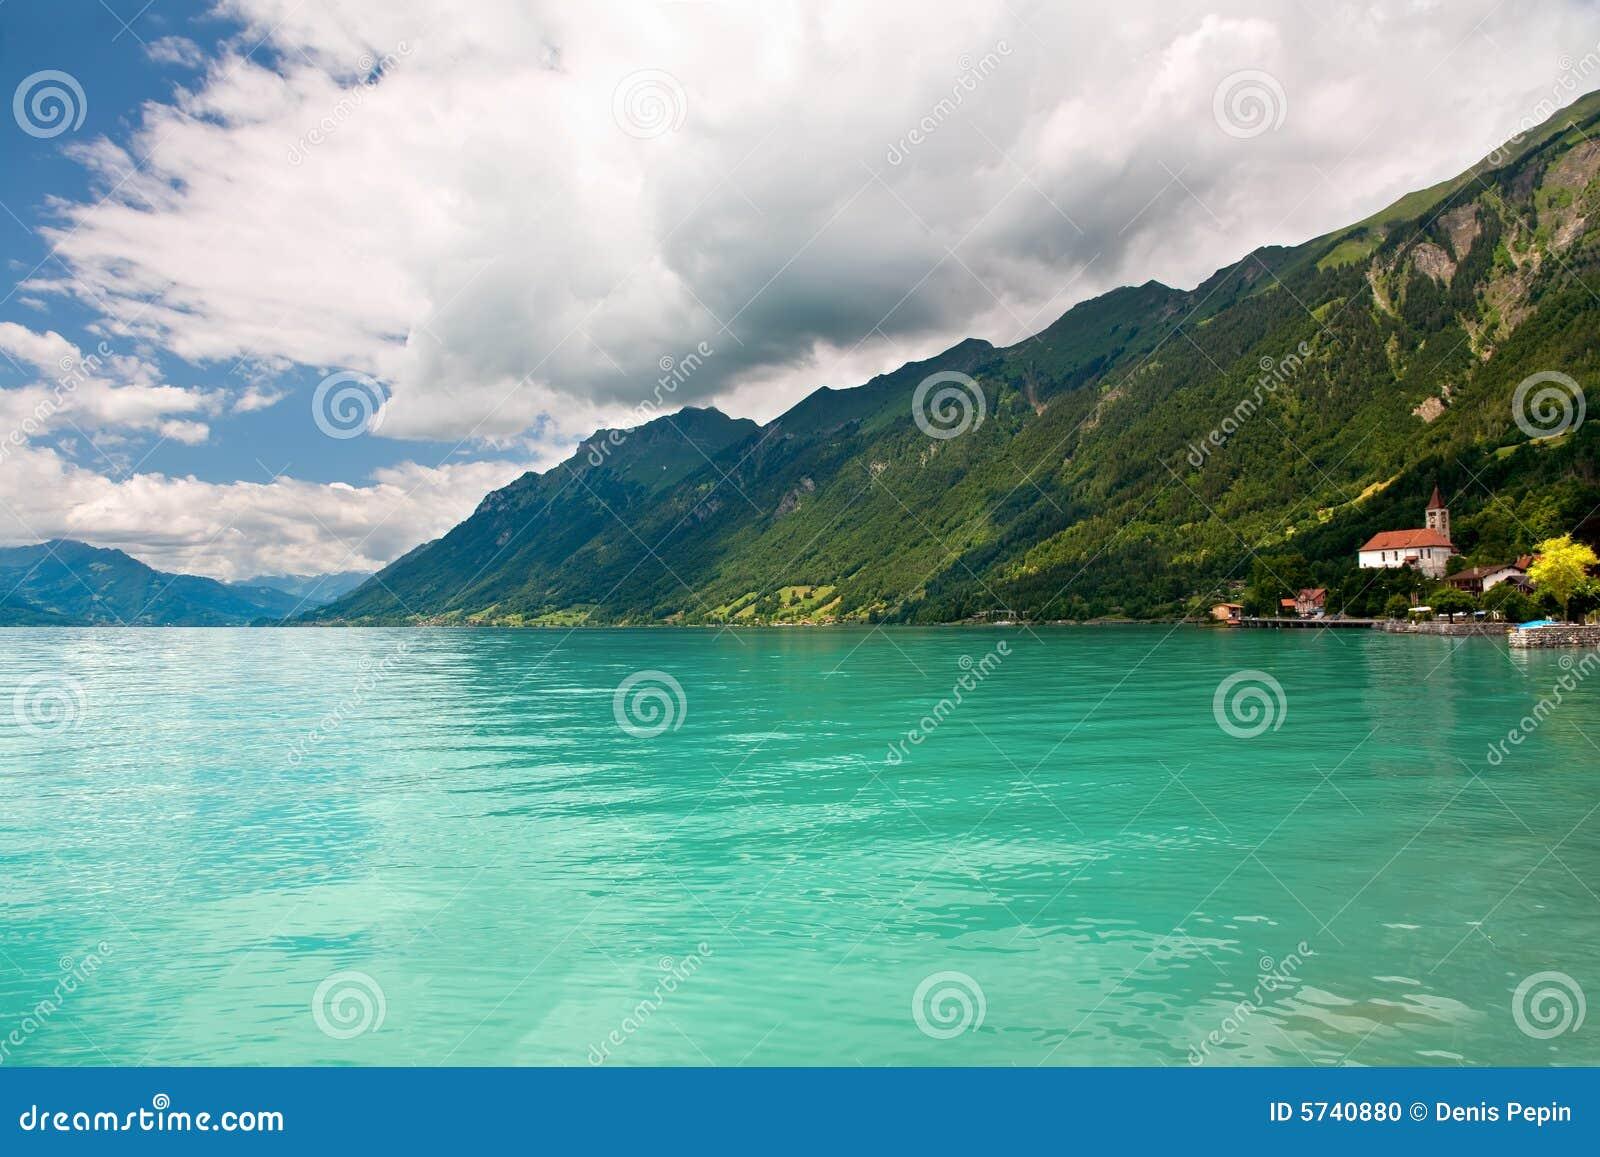 Lac brienz canton de berne suisse photo stock image du - Lac de brienz ...